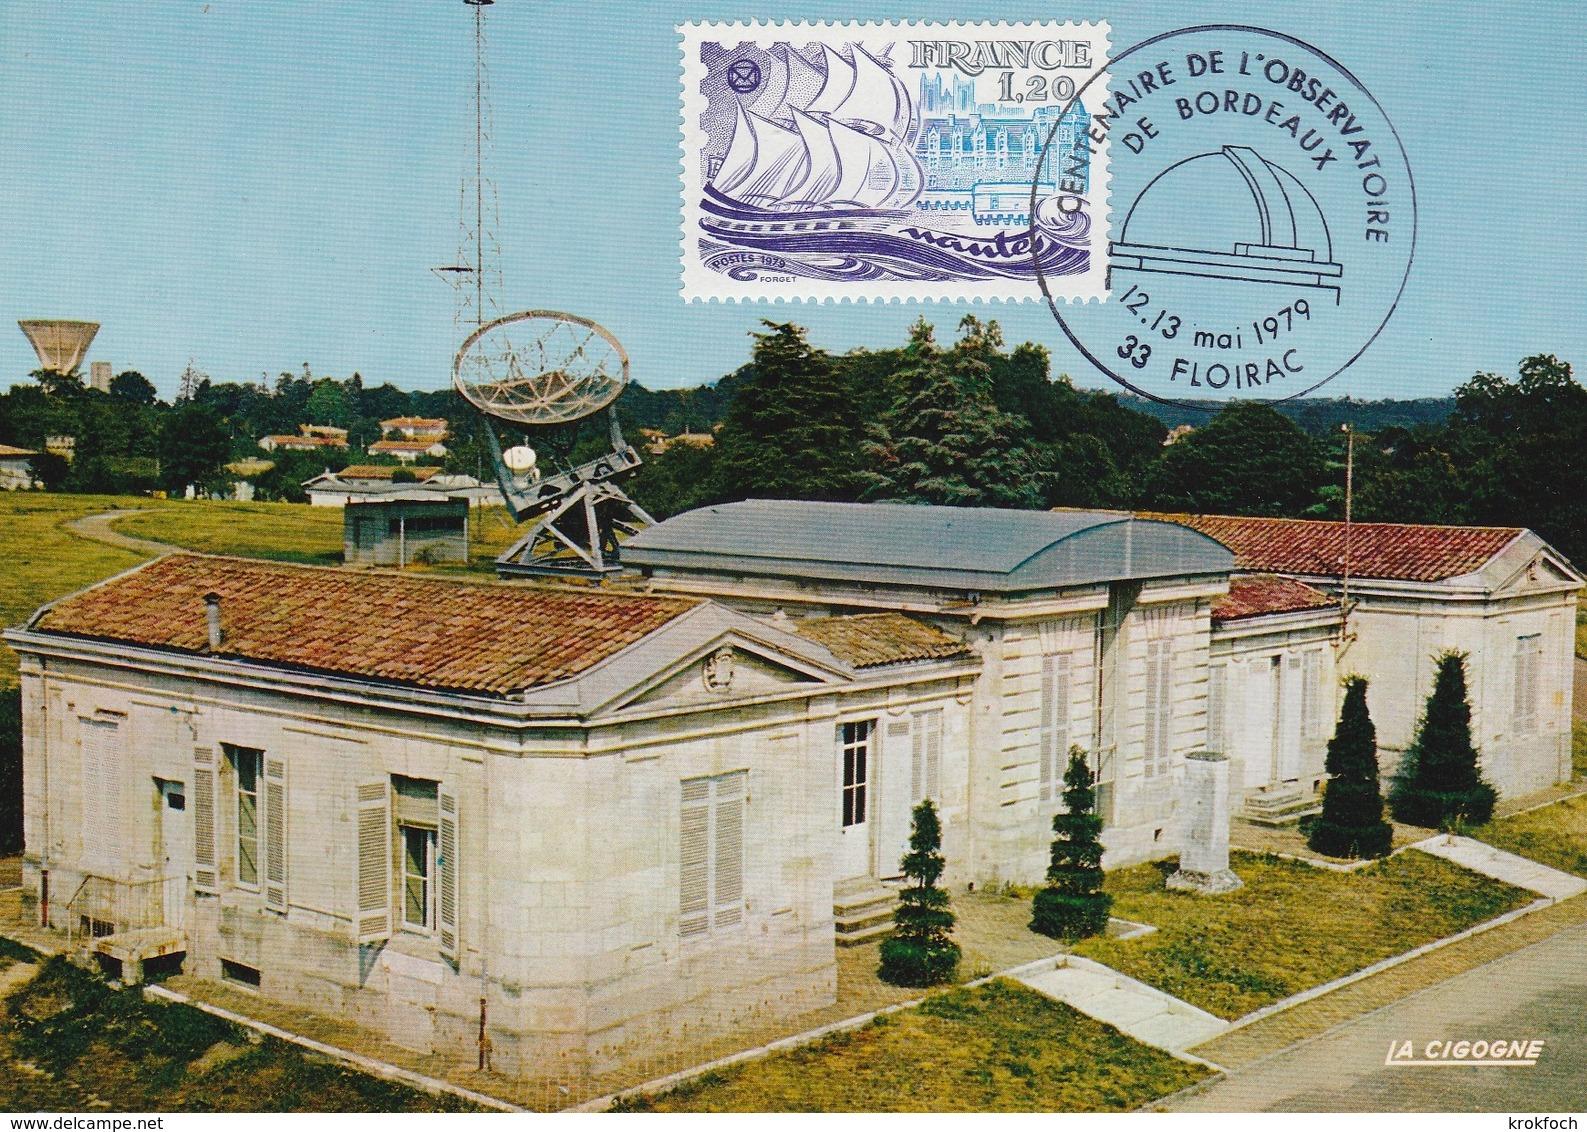 Floirac 1979 - BT Observatoire De Bordeaux - Commemorative Postmarks